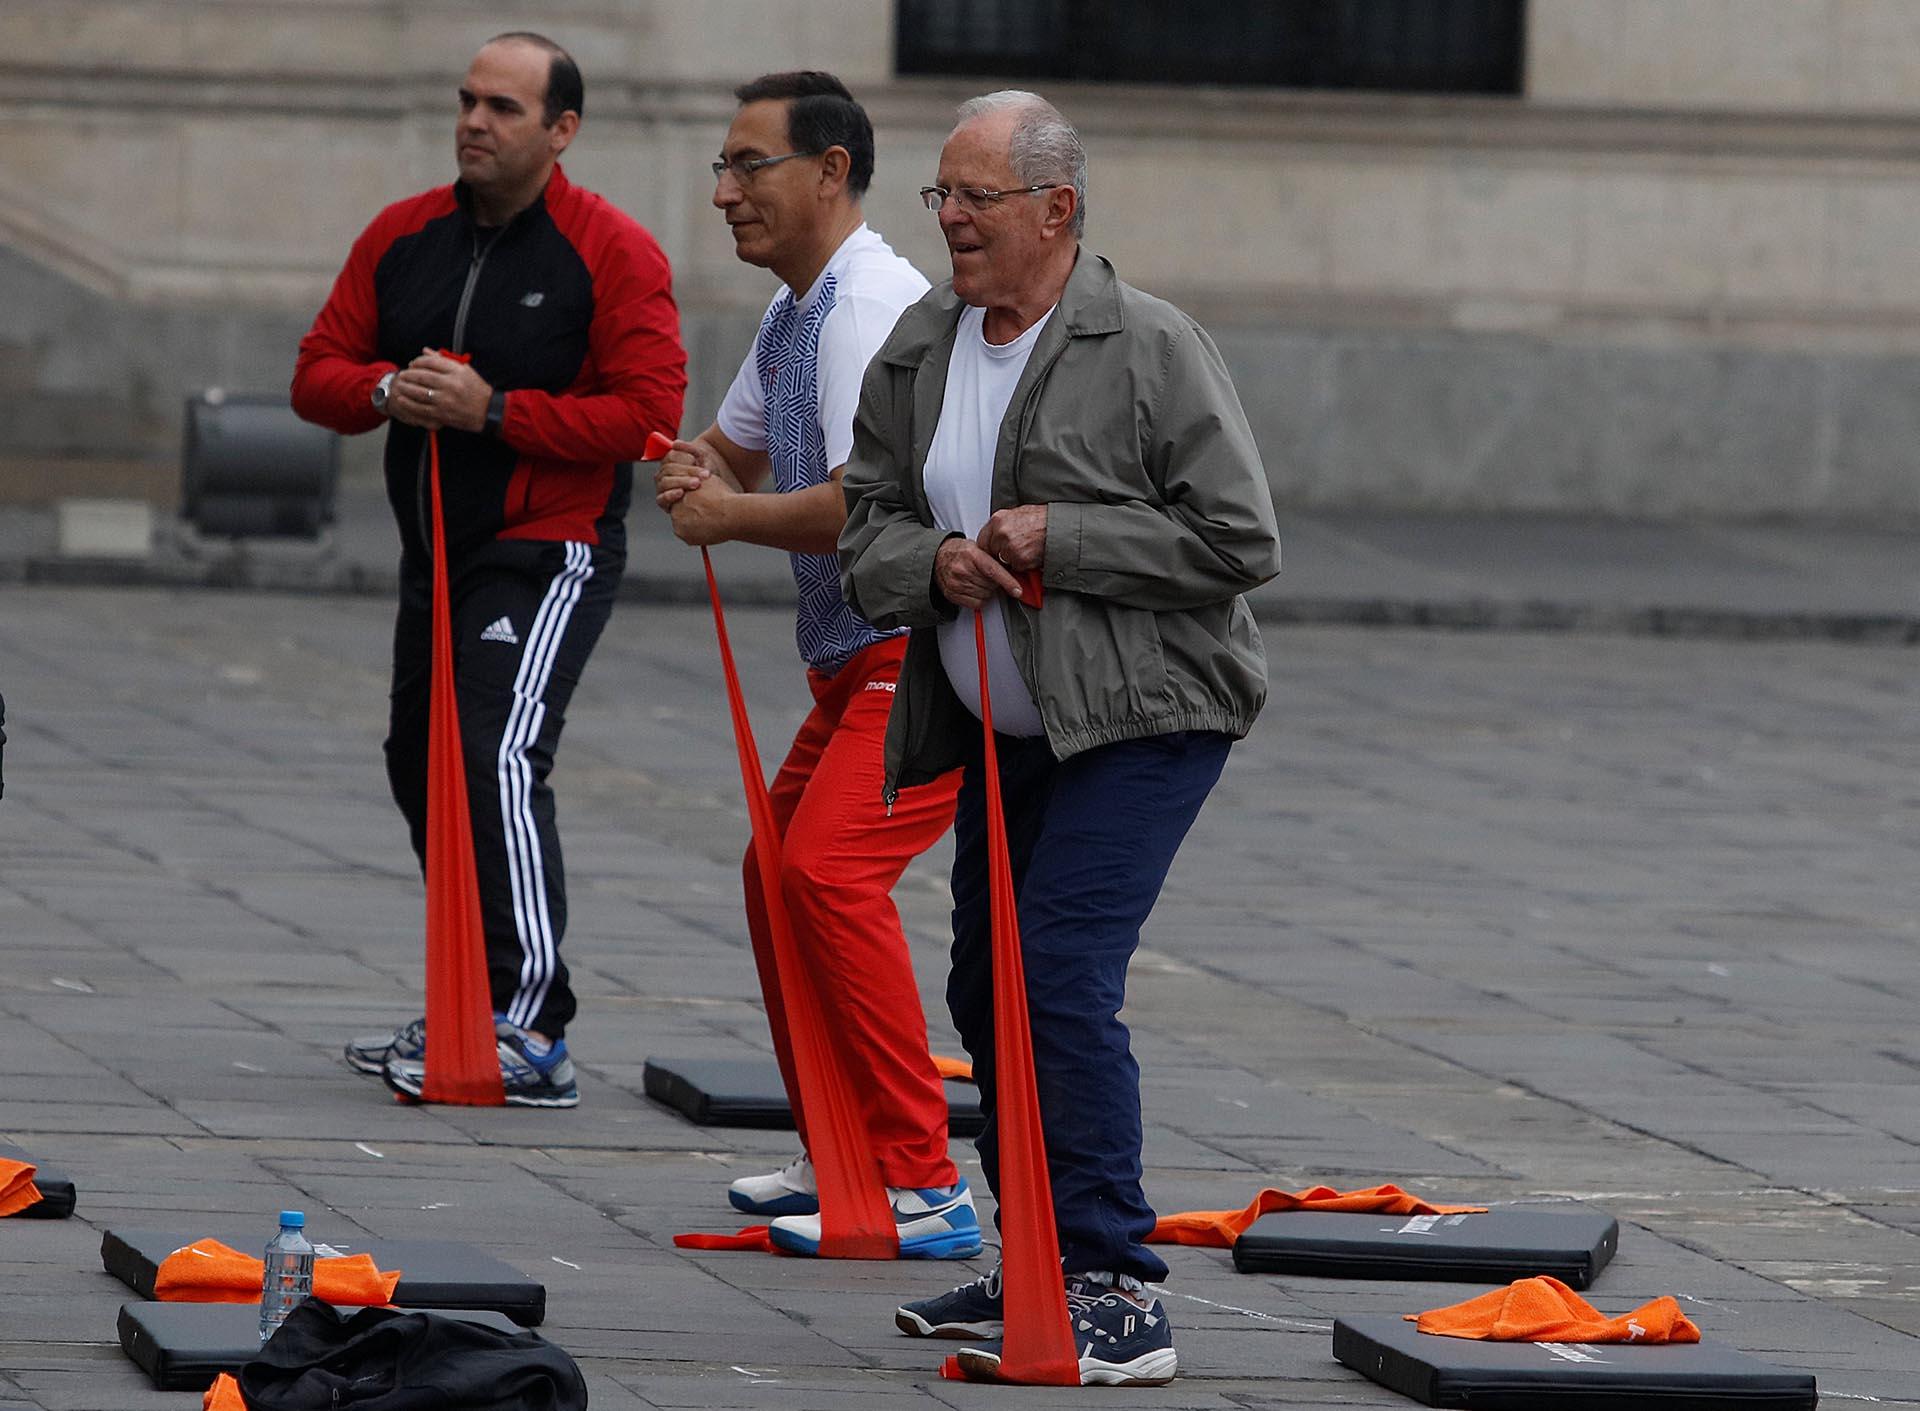 A juicio del jefe de Gabinete, el deporte no sólo es salud, sino que también fomenta valores importantes que ayudan a las personas a ser mejores ciudadanos (Reuters)